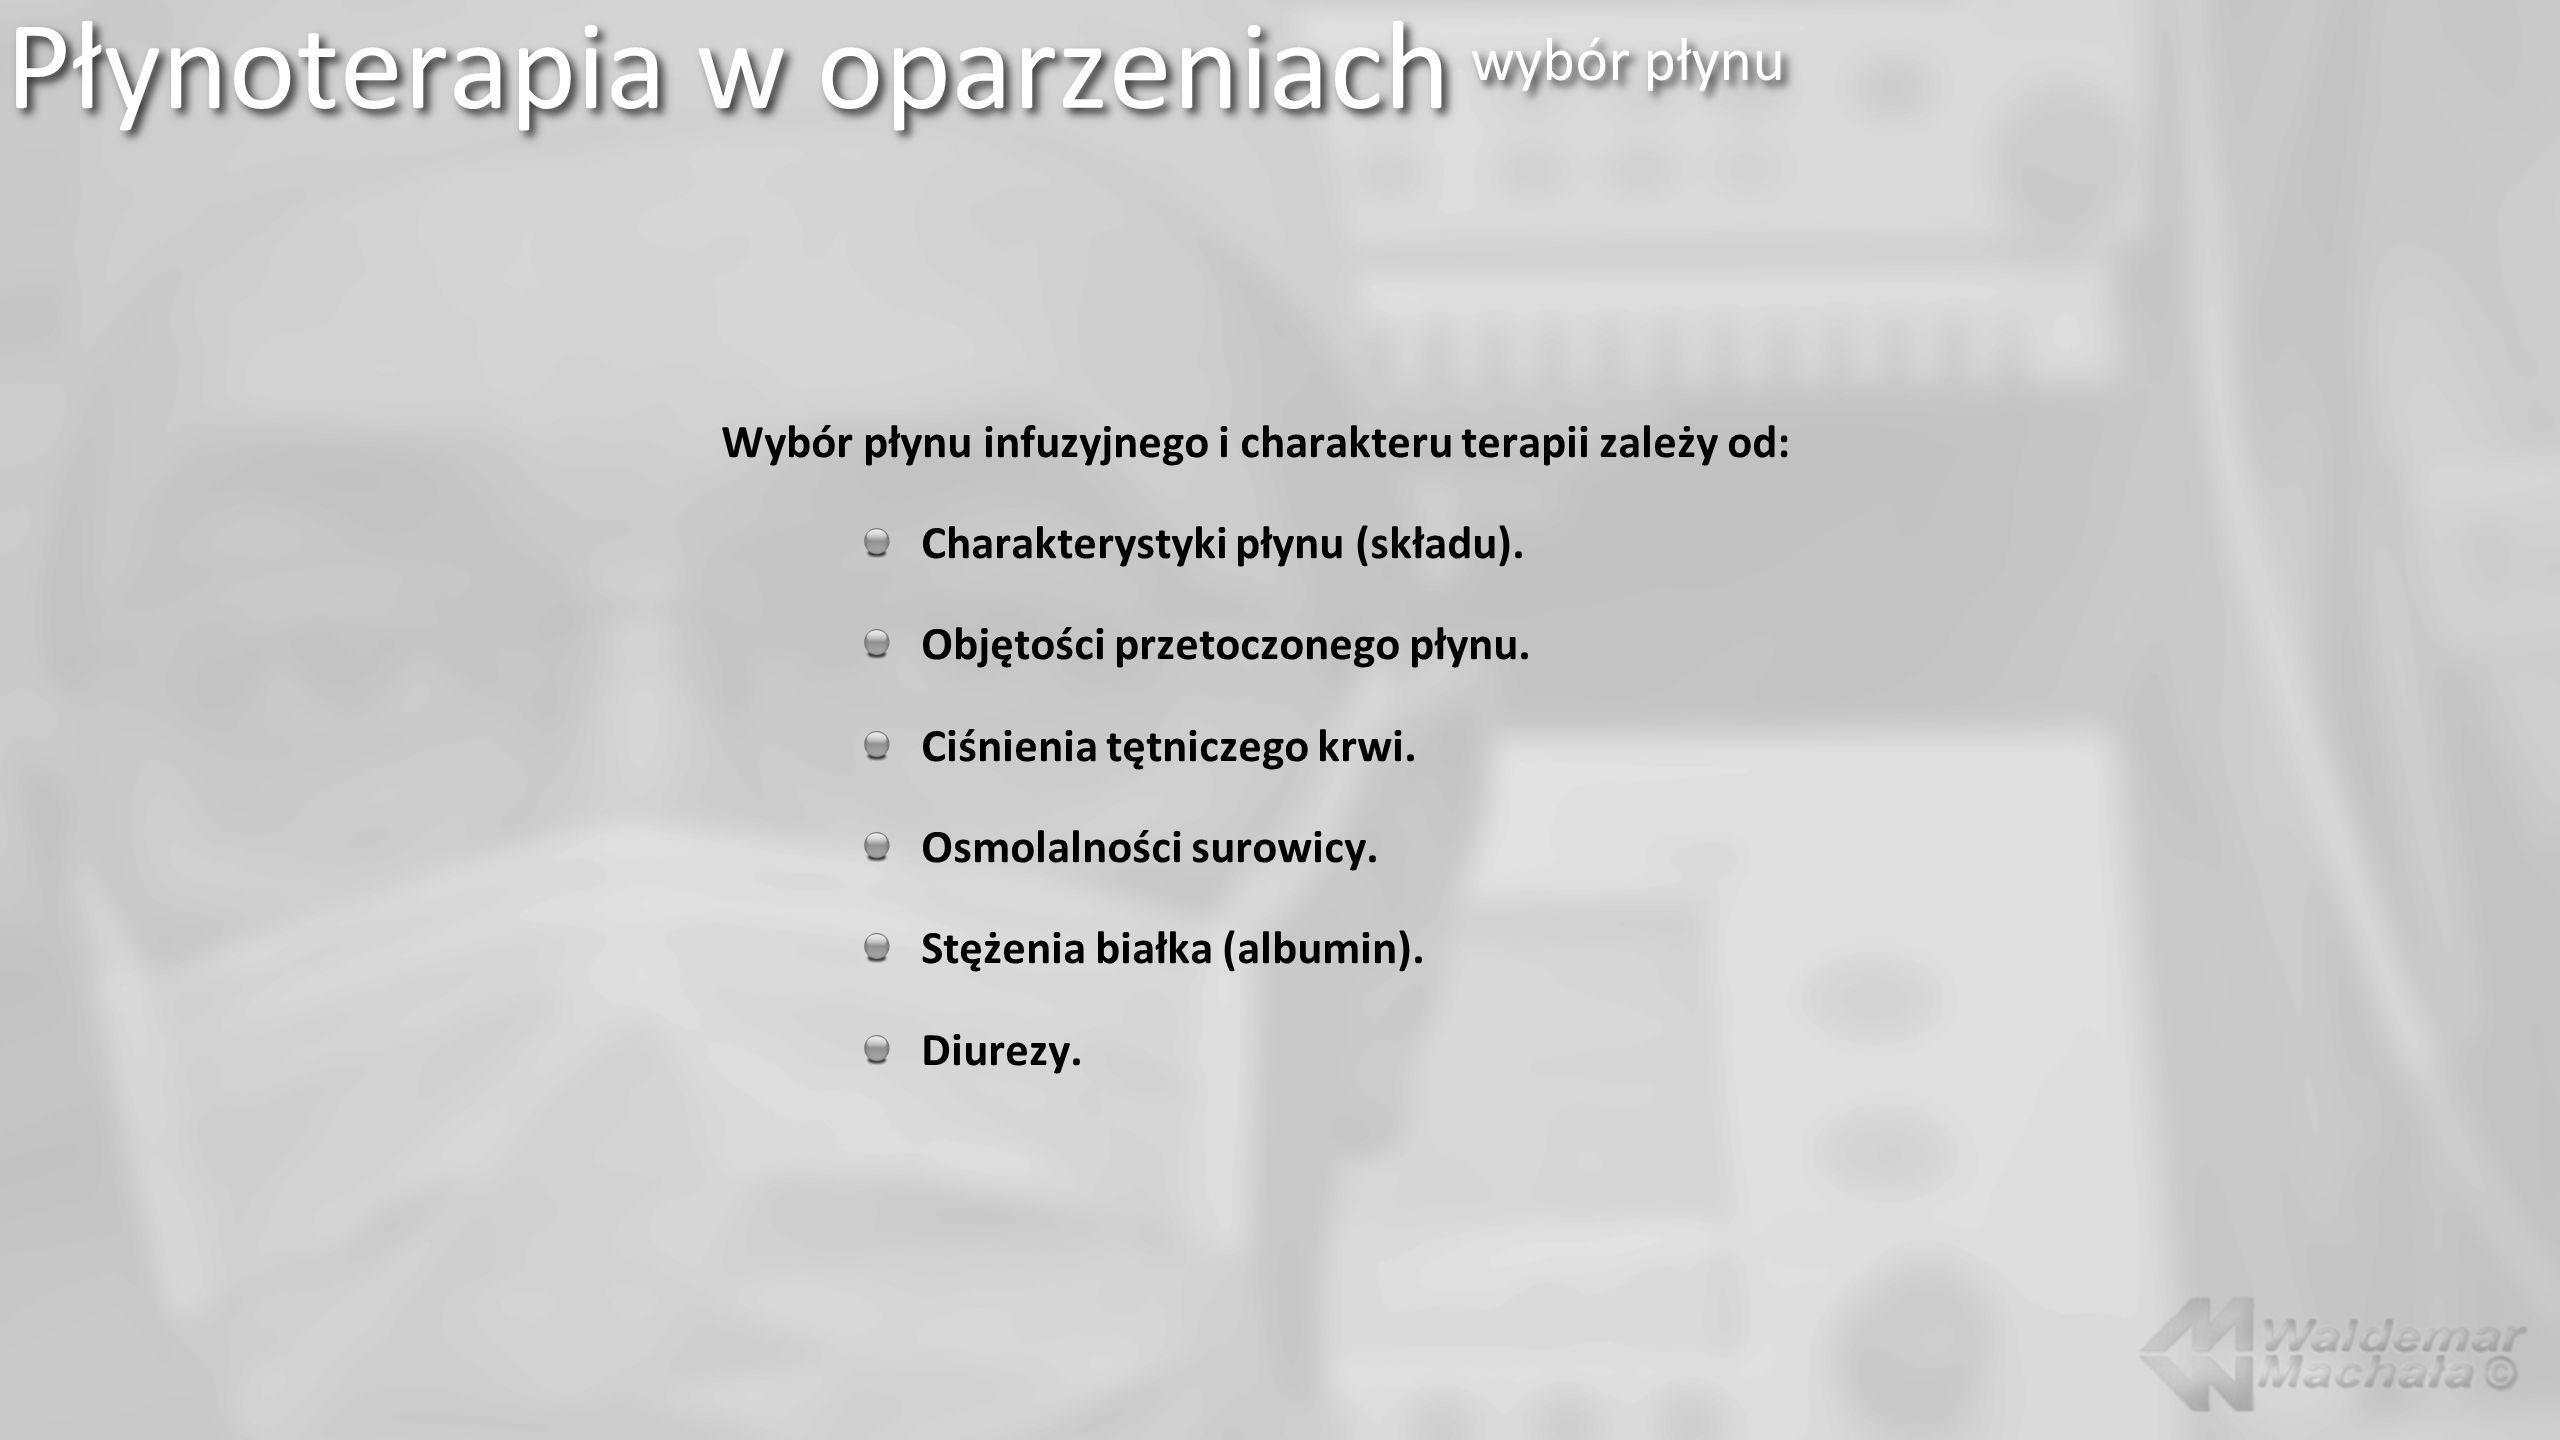 Wybór płynu infuzyjnego i charakteru terapii zależy od: Charakterystyki płynu (składu). Objętości przetoczonego płynu. Ciśnienia tętniczego krwi. Osmo